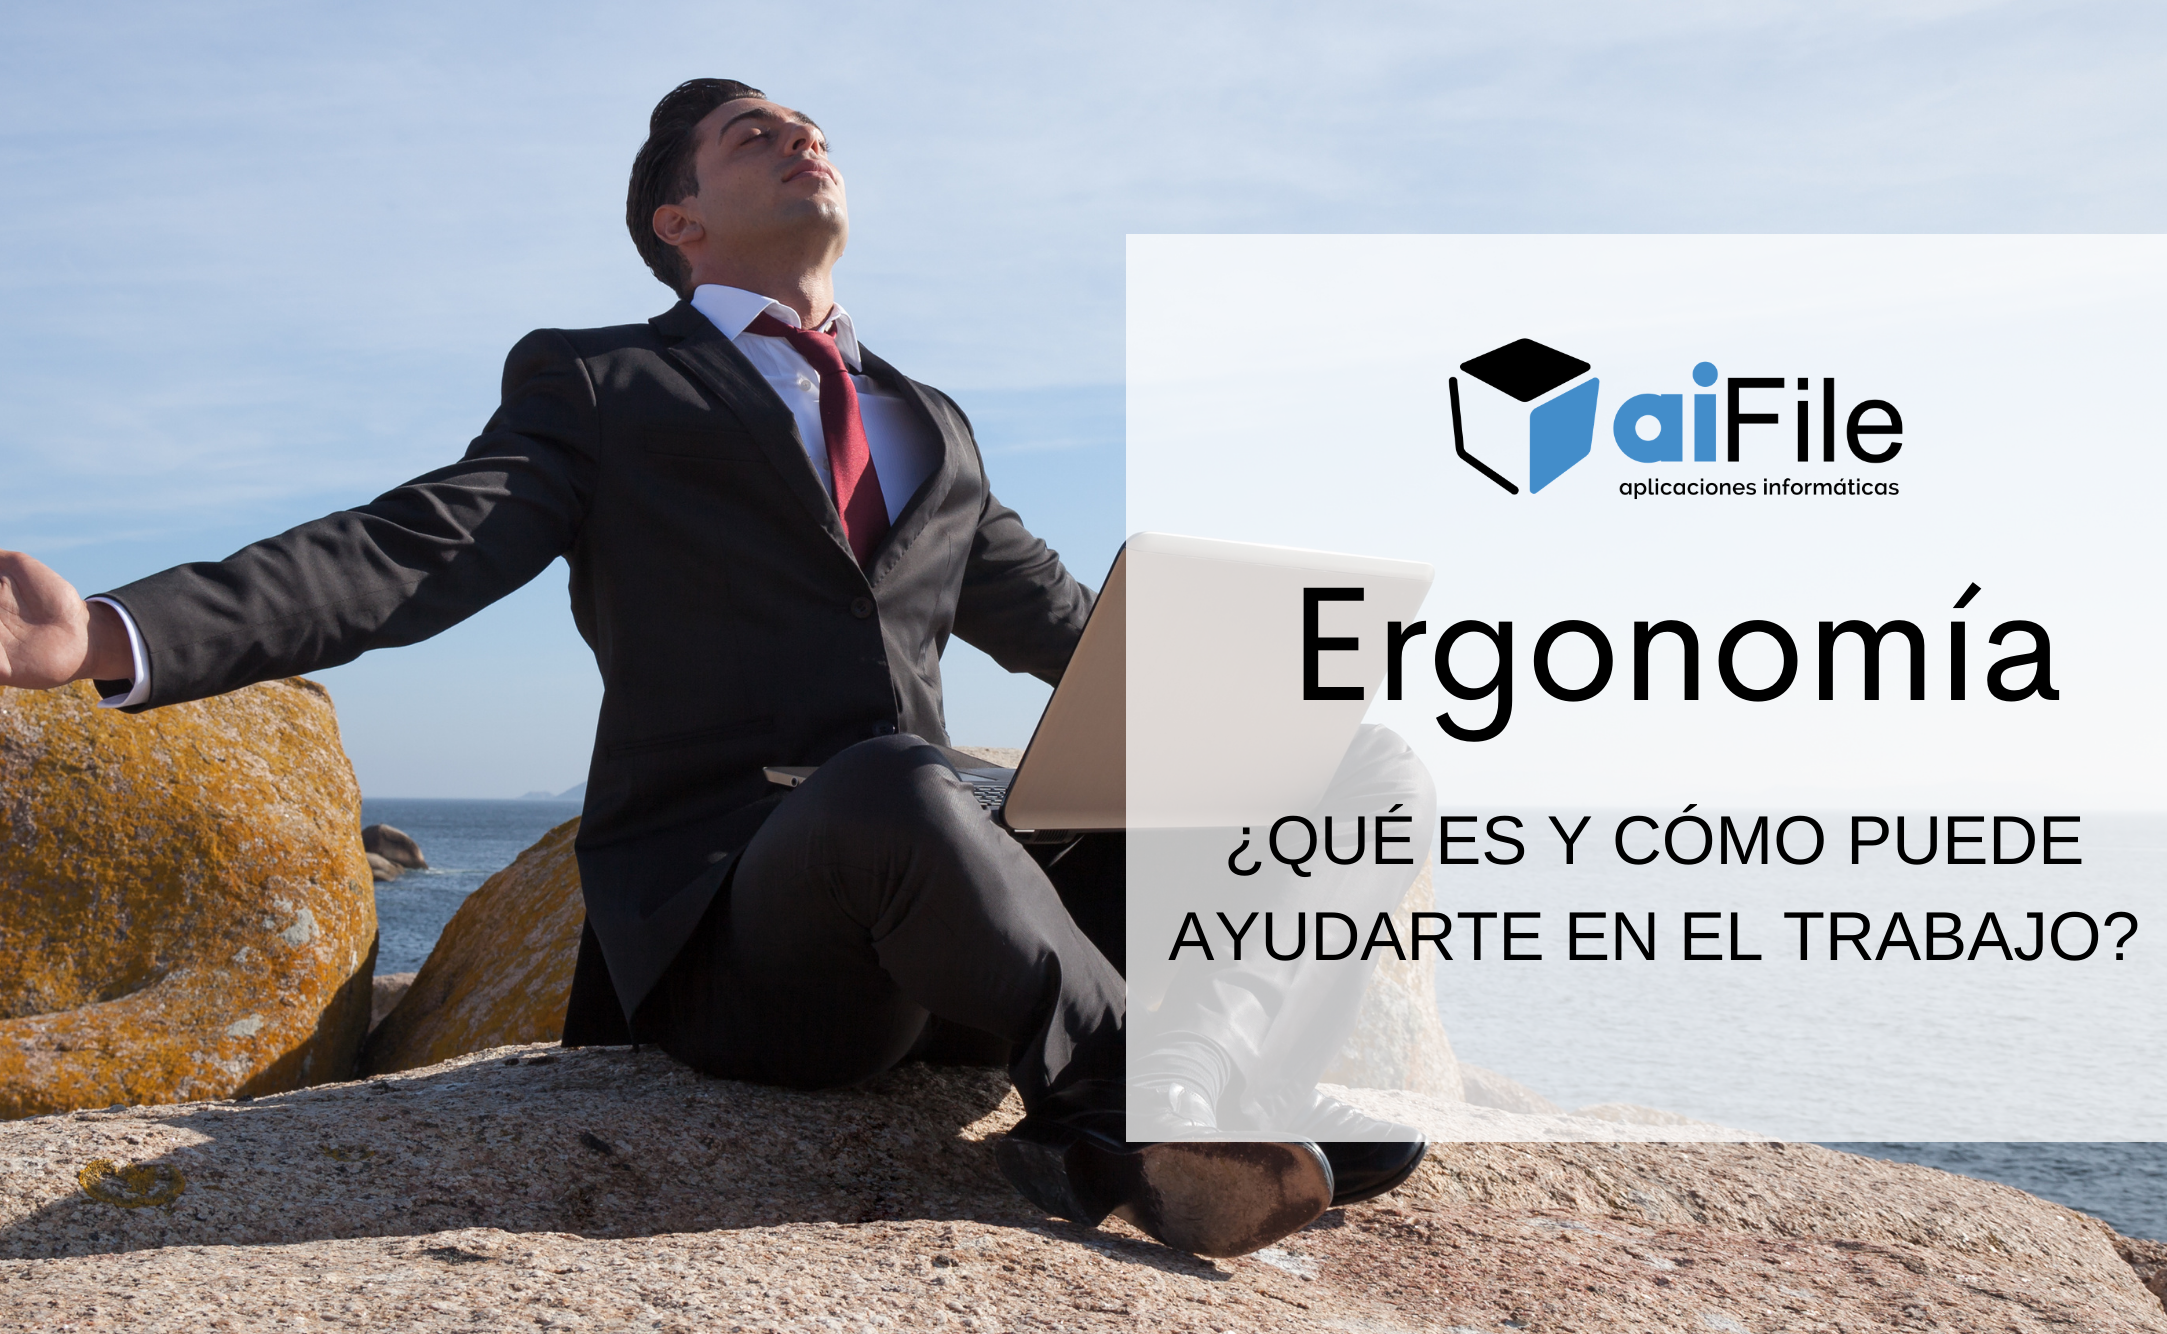 Ergonomía: ¿Qué Es Y Cómo Puede Ayudarte En El Trabajo De Oficina O Teletrabajo?